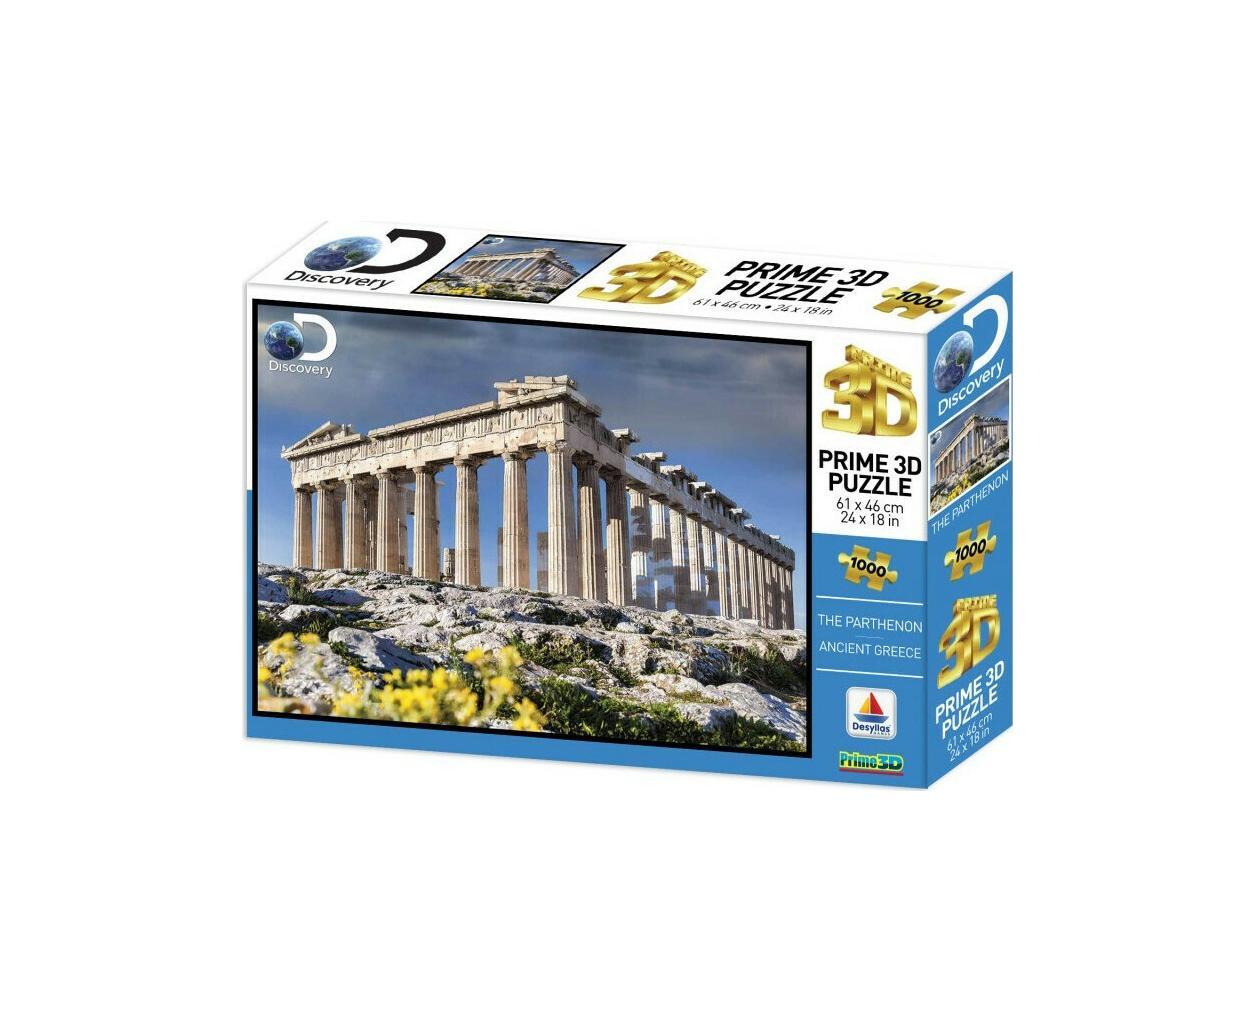 Discovery Αρχαία Ελλάδα 1000pcs Puzzle  16094